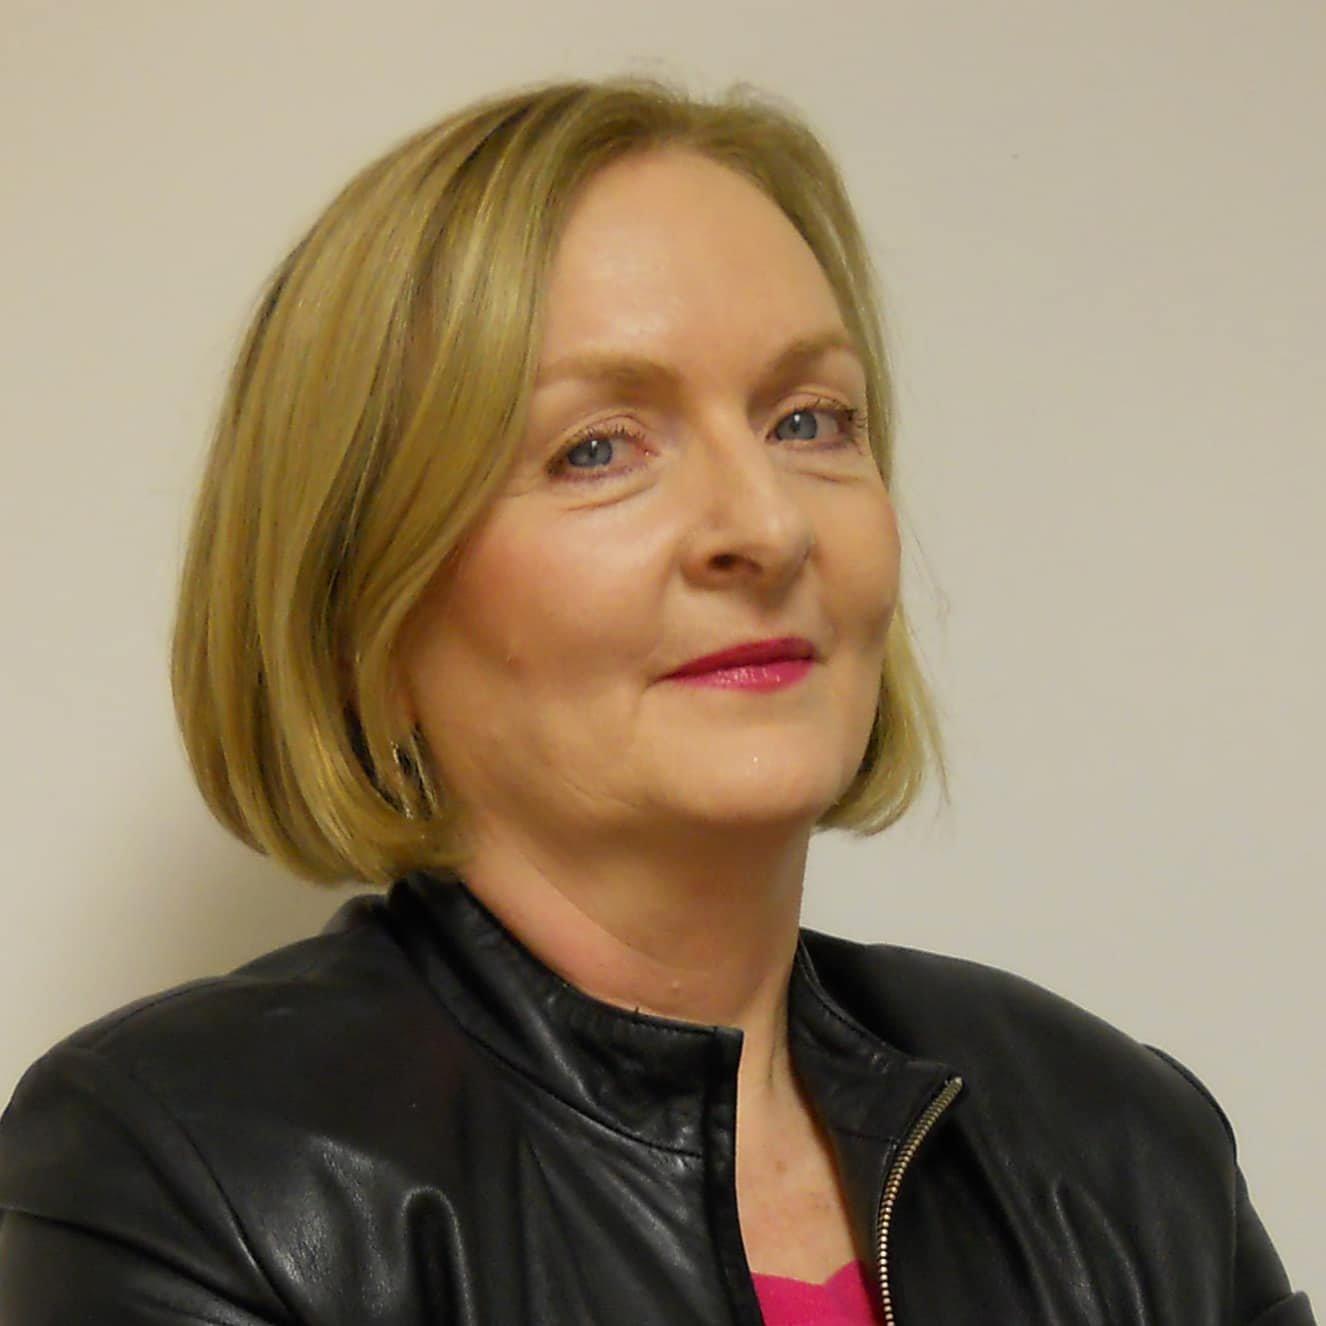 Liz-McKeon-inspirational-Beauty-women-in-business-expert-at-Great-British-Speakers